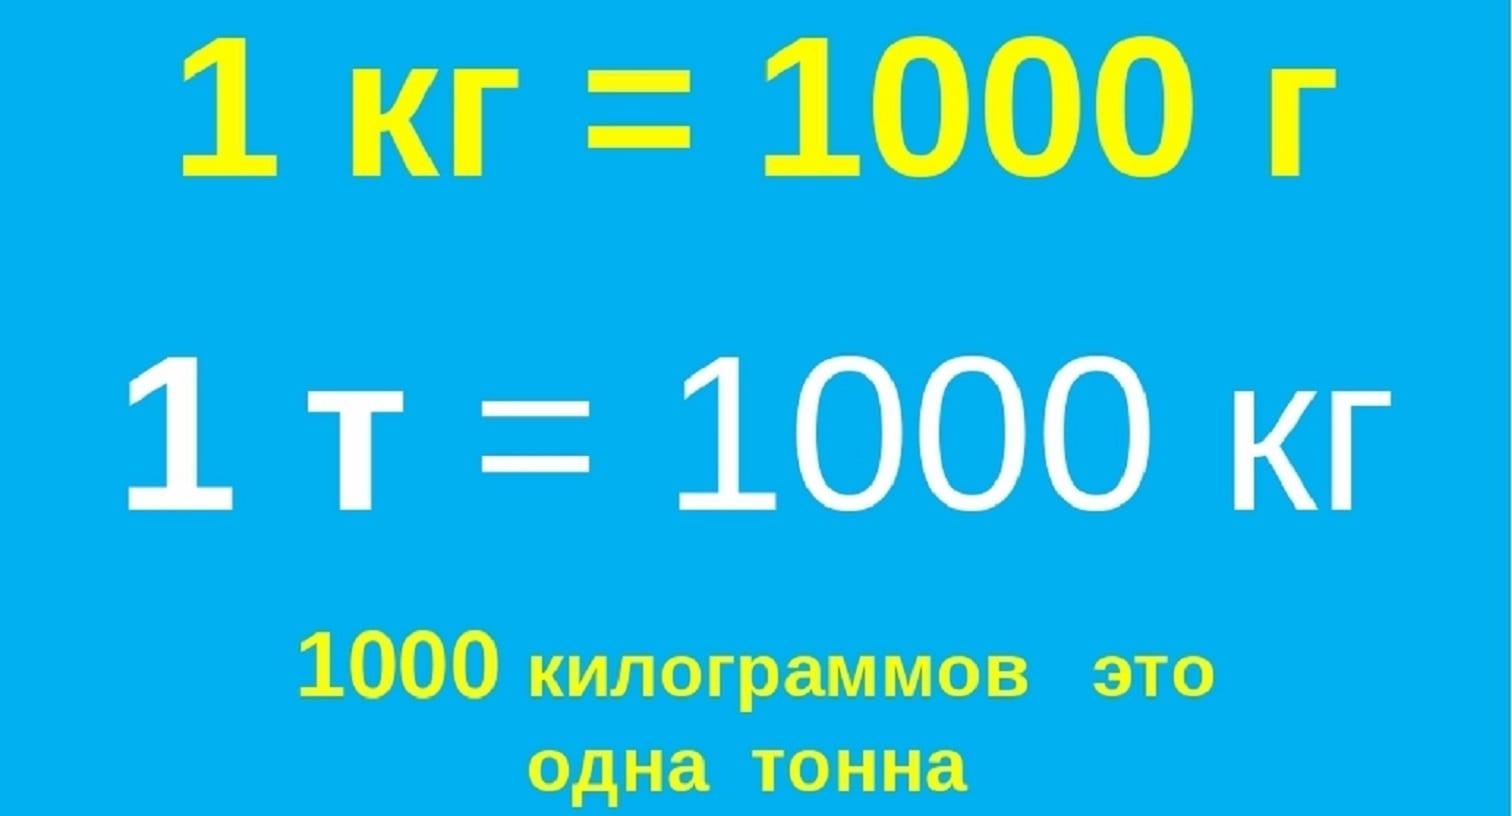 Сколько грамм в кг (в 1 килограмме)